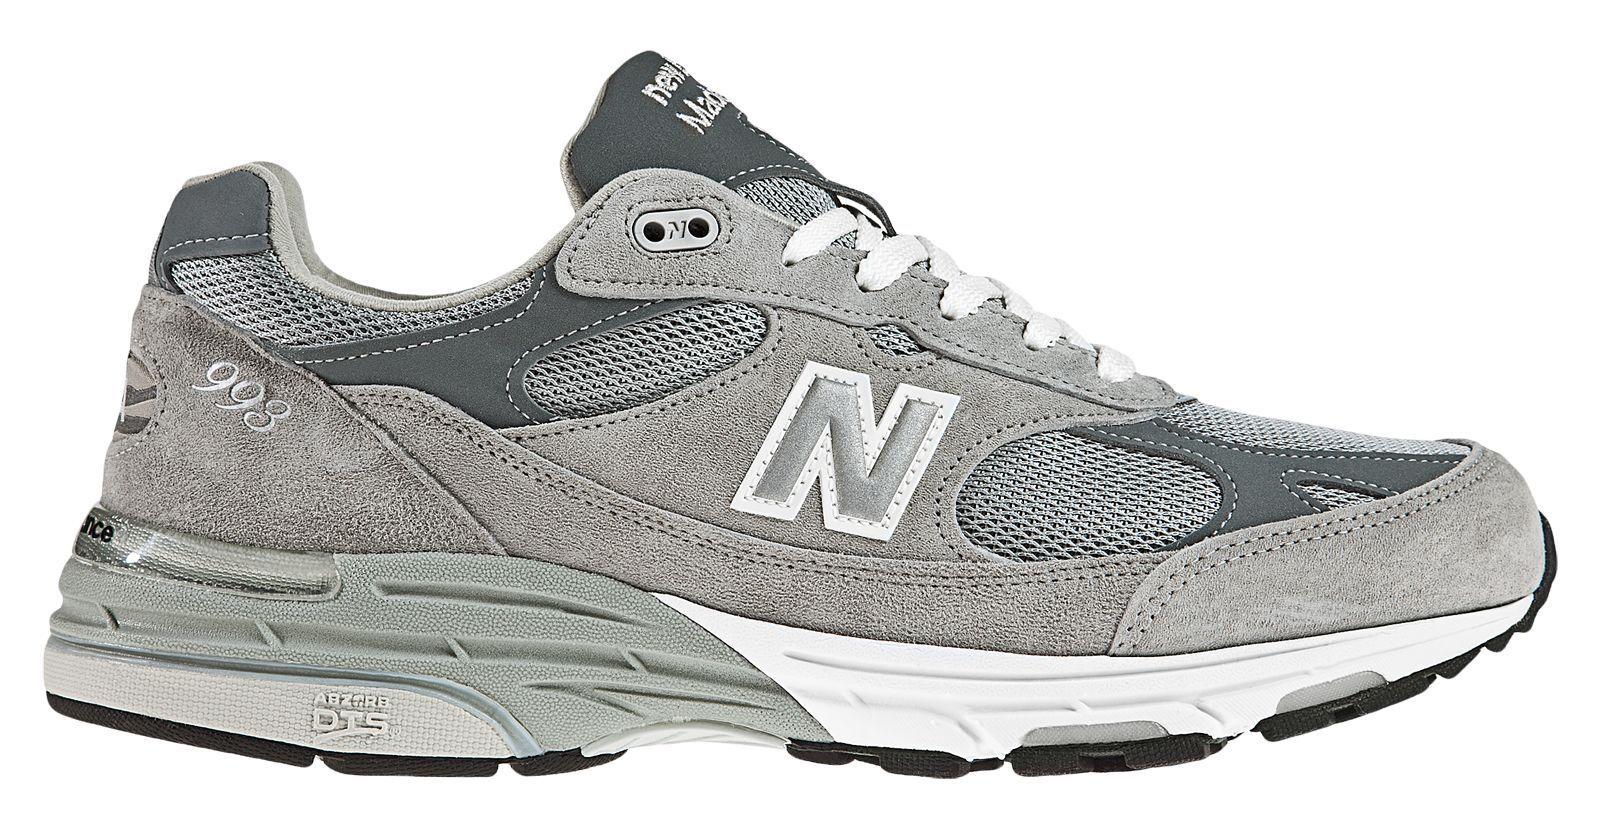 New Balance Donna Donna Donna Classics 993 Running Shoes Grey b3fa8a